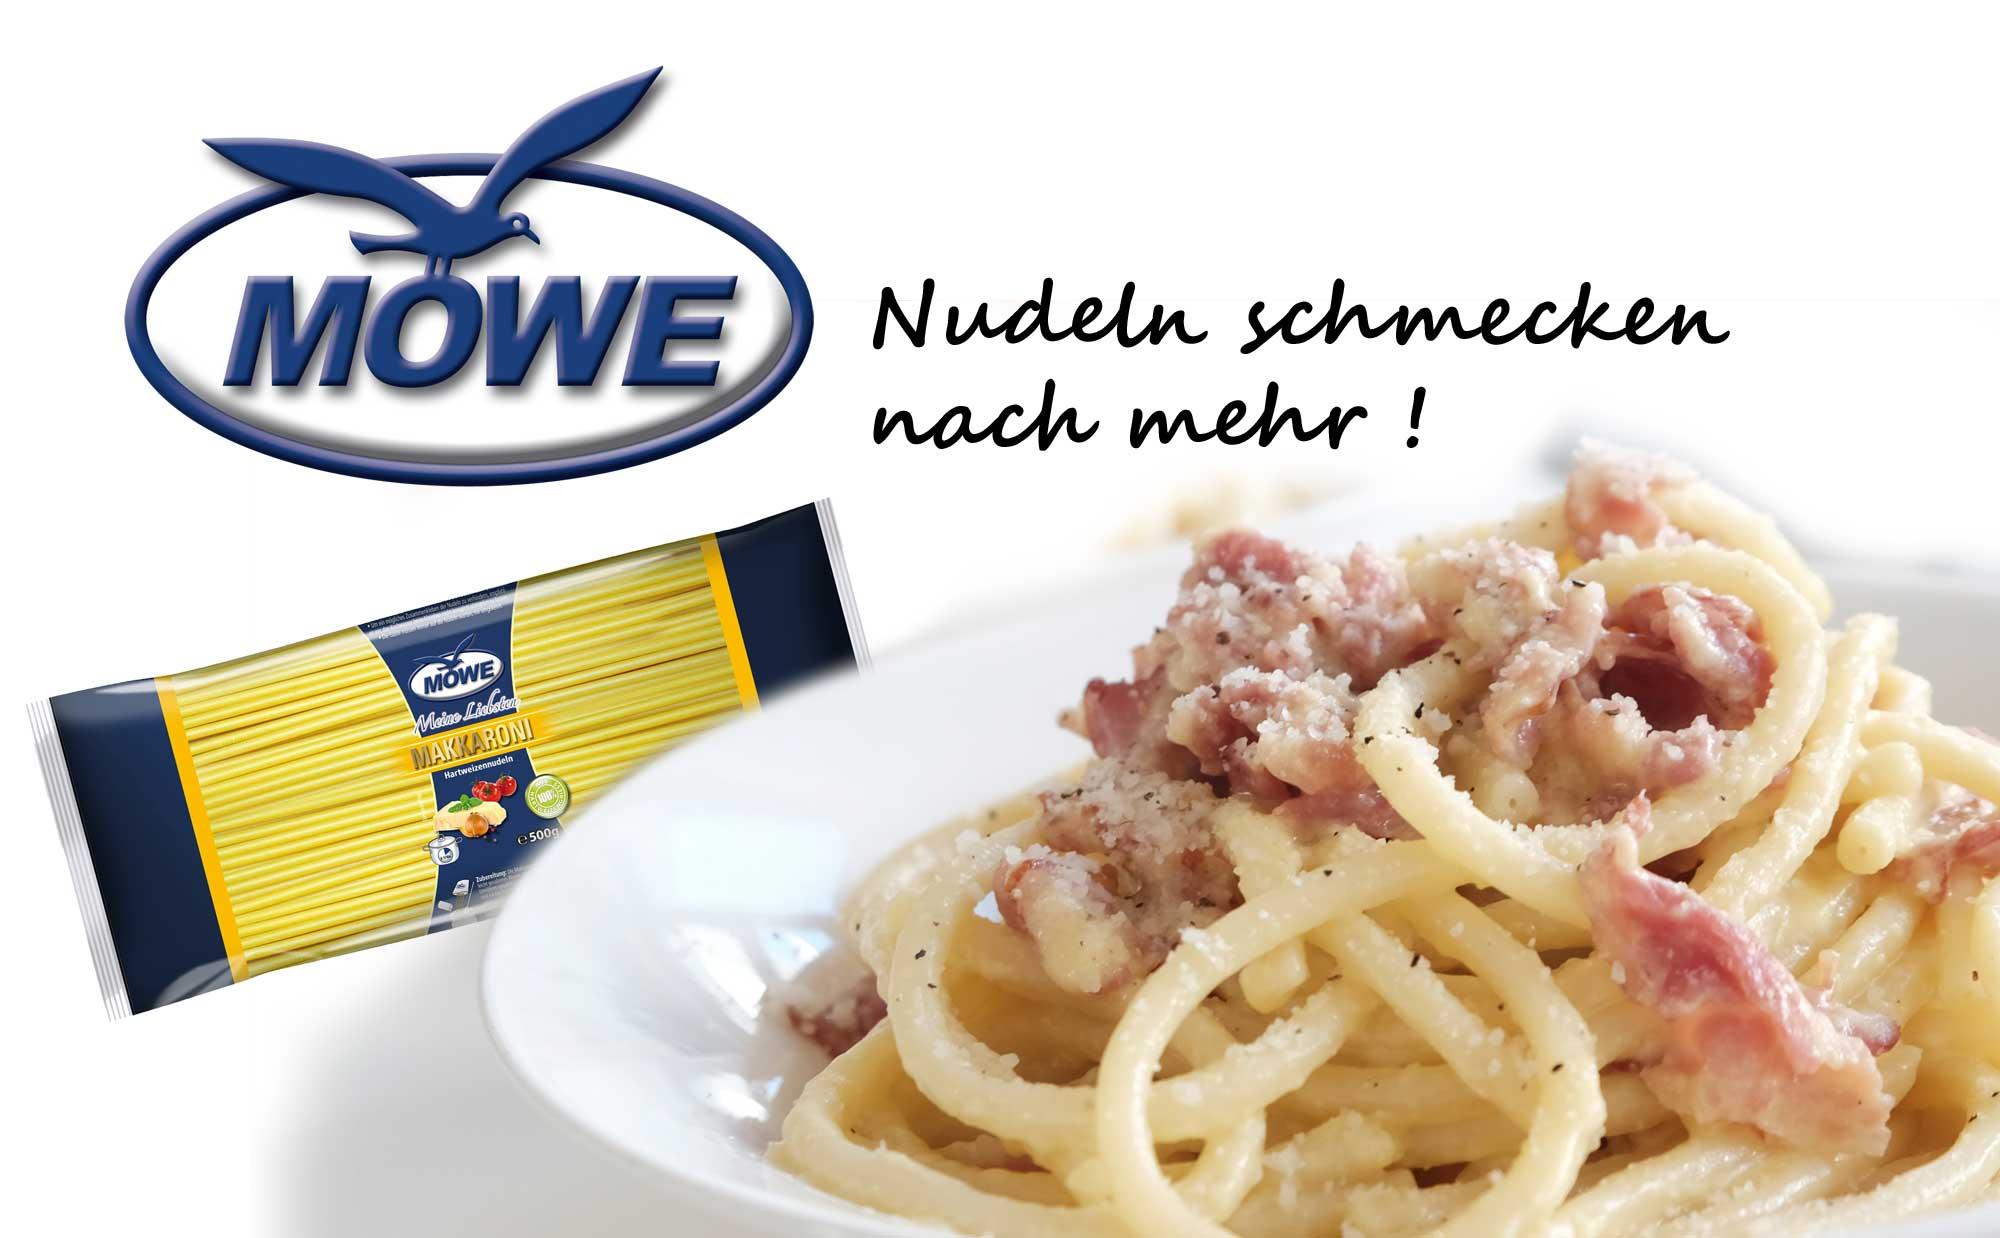 Möwe-Nudeln schmecken einfach nach mehr!